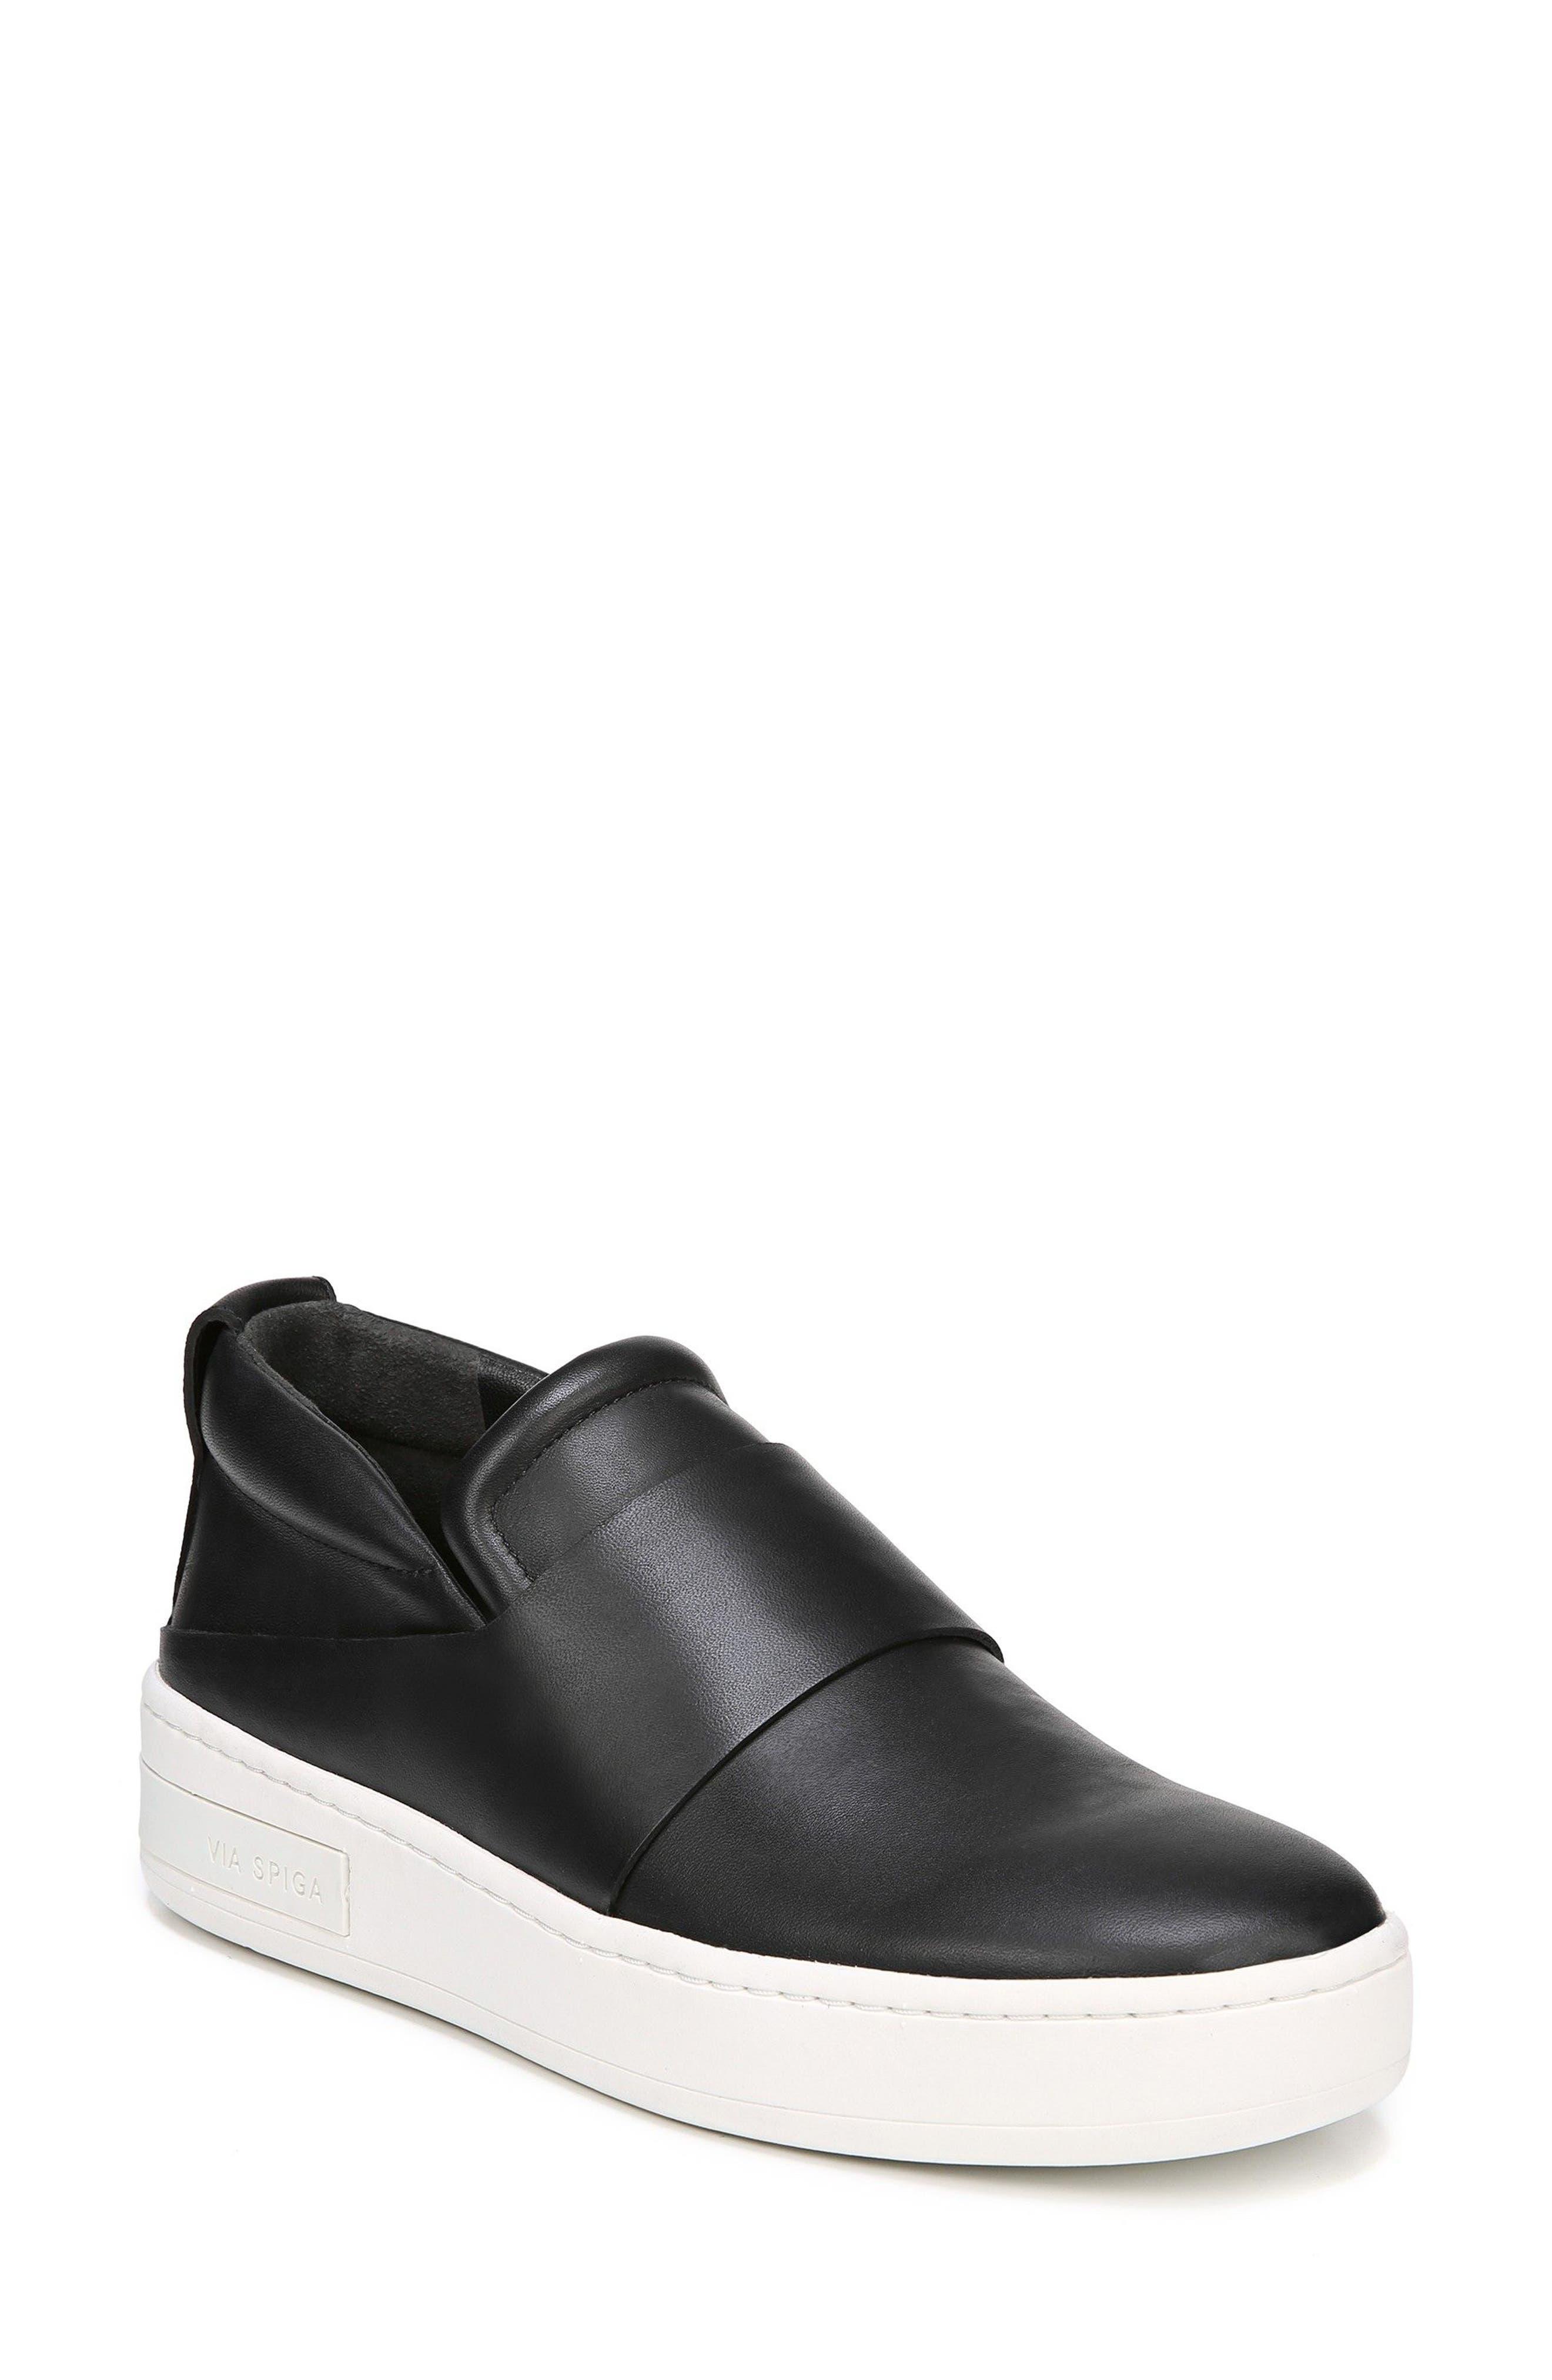 Ryder Slip-On Sneaker,                         Main,                         color, Black Leather